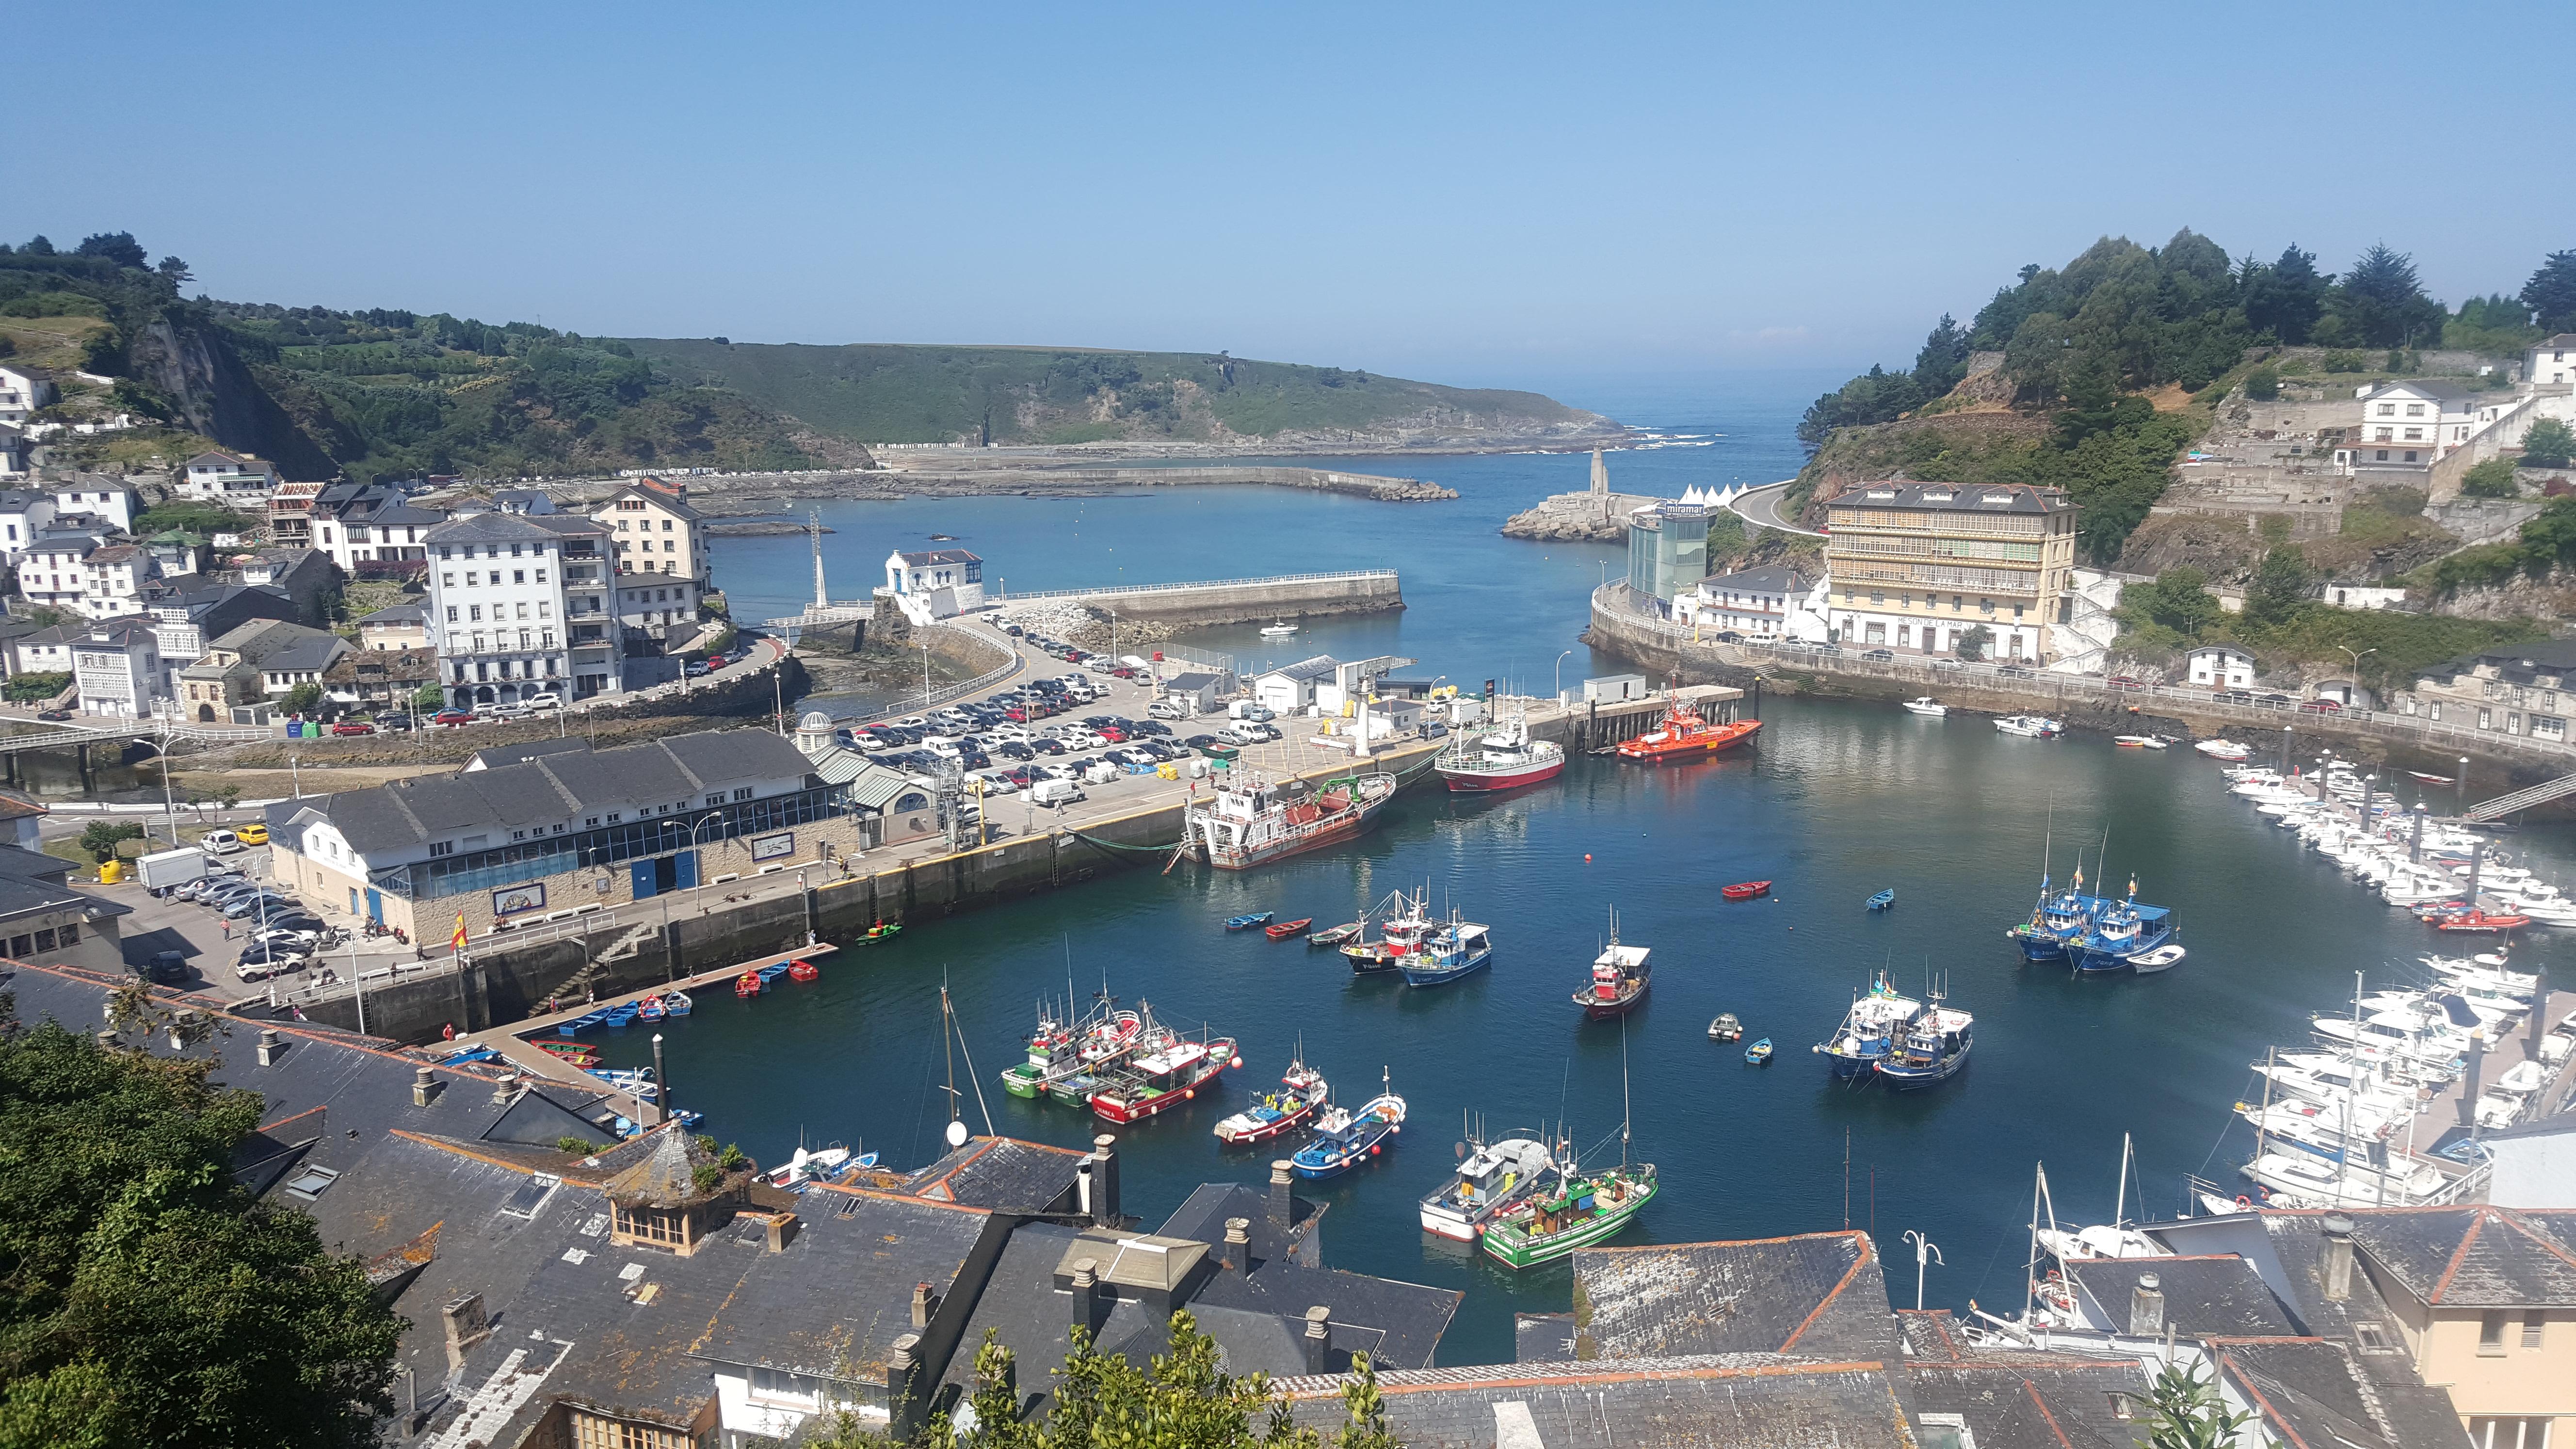 Vista panorámica del puerto de Luarca, un pueblecito pesquero de Asturias